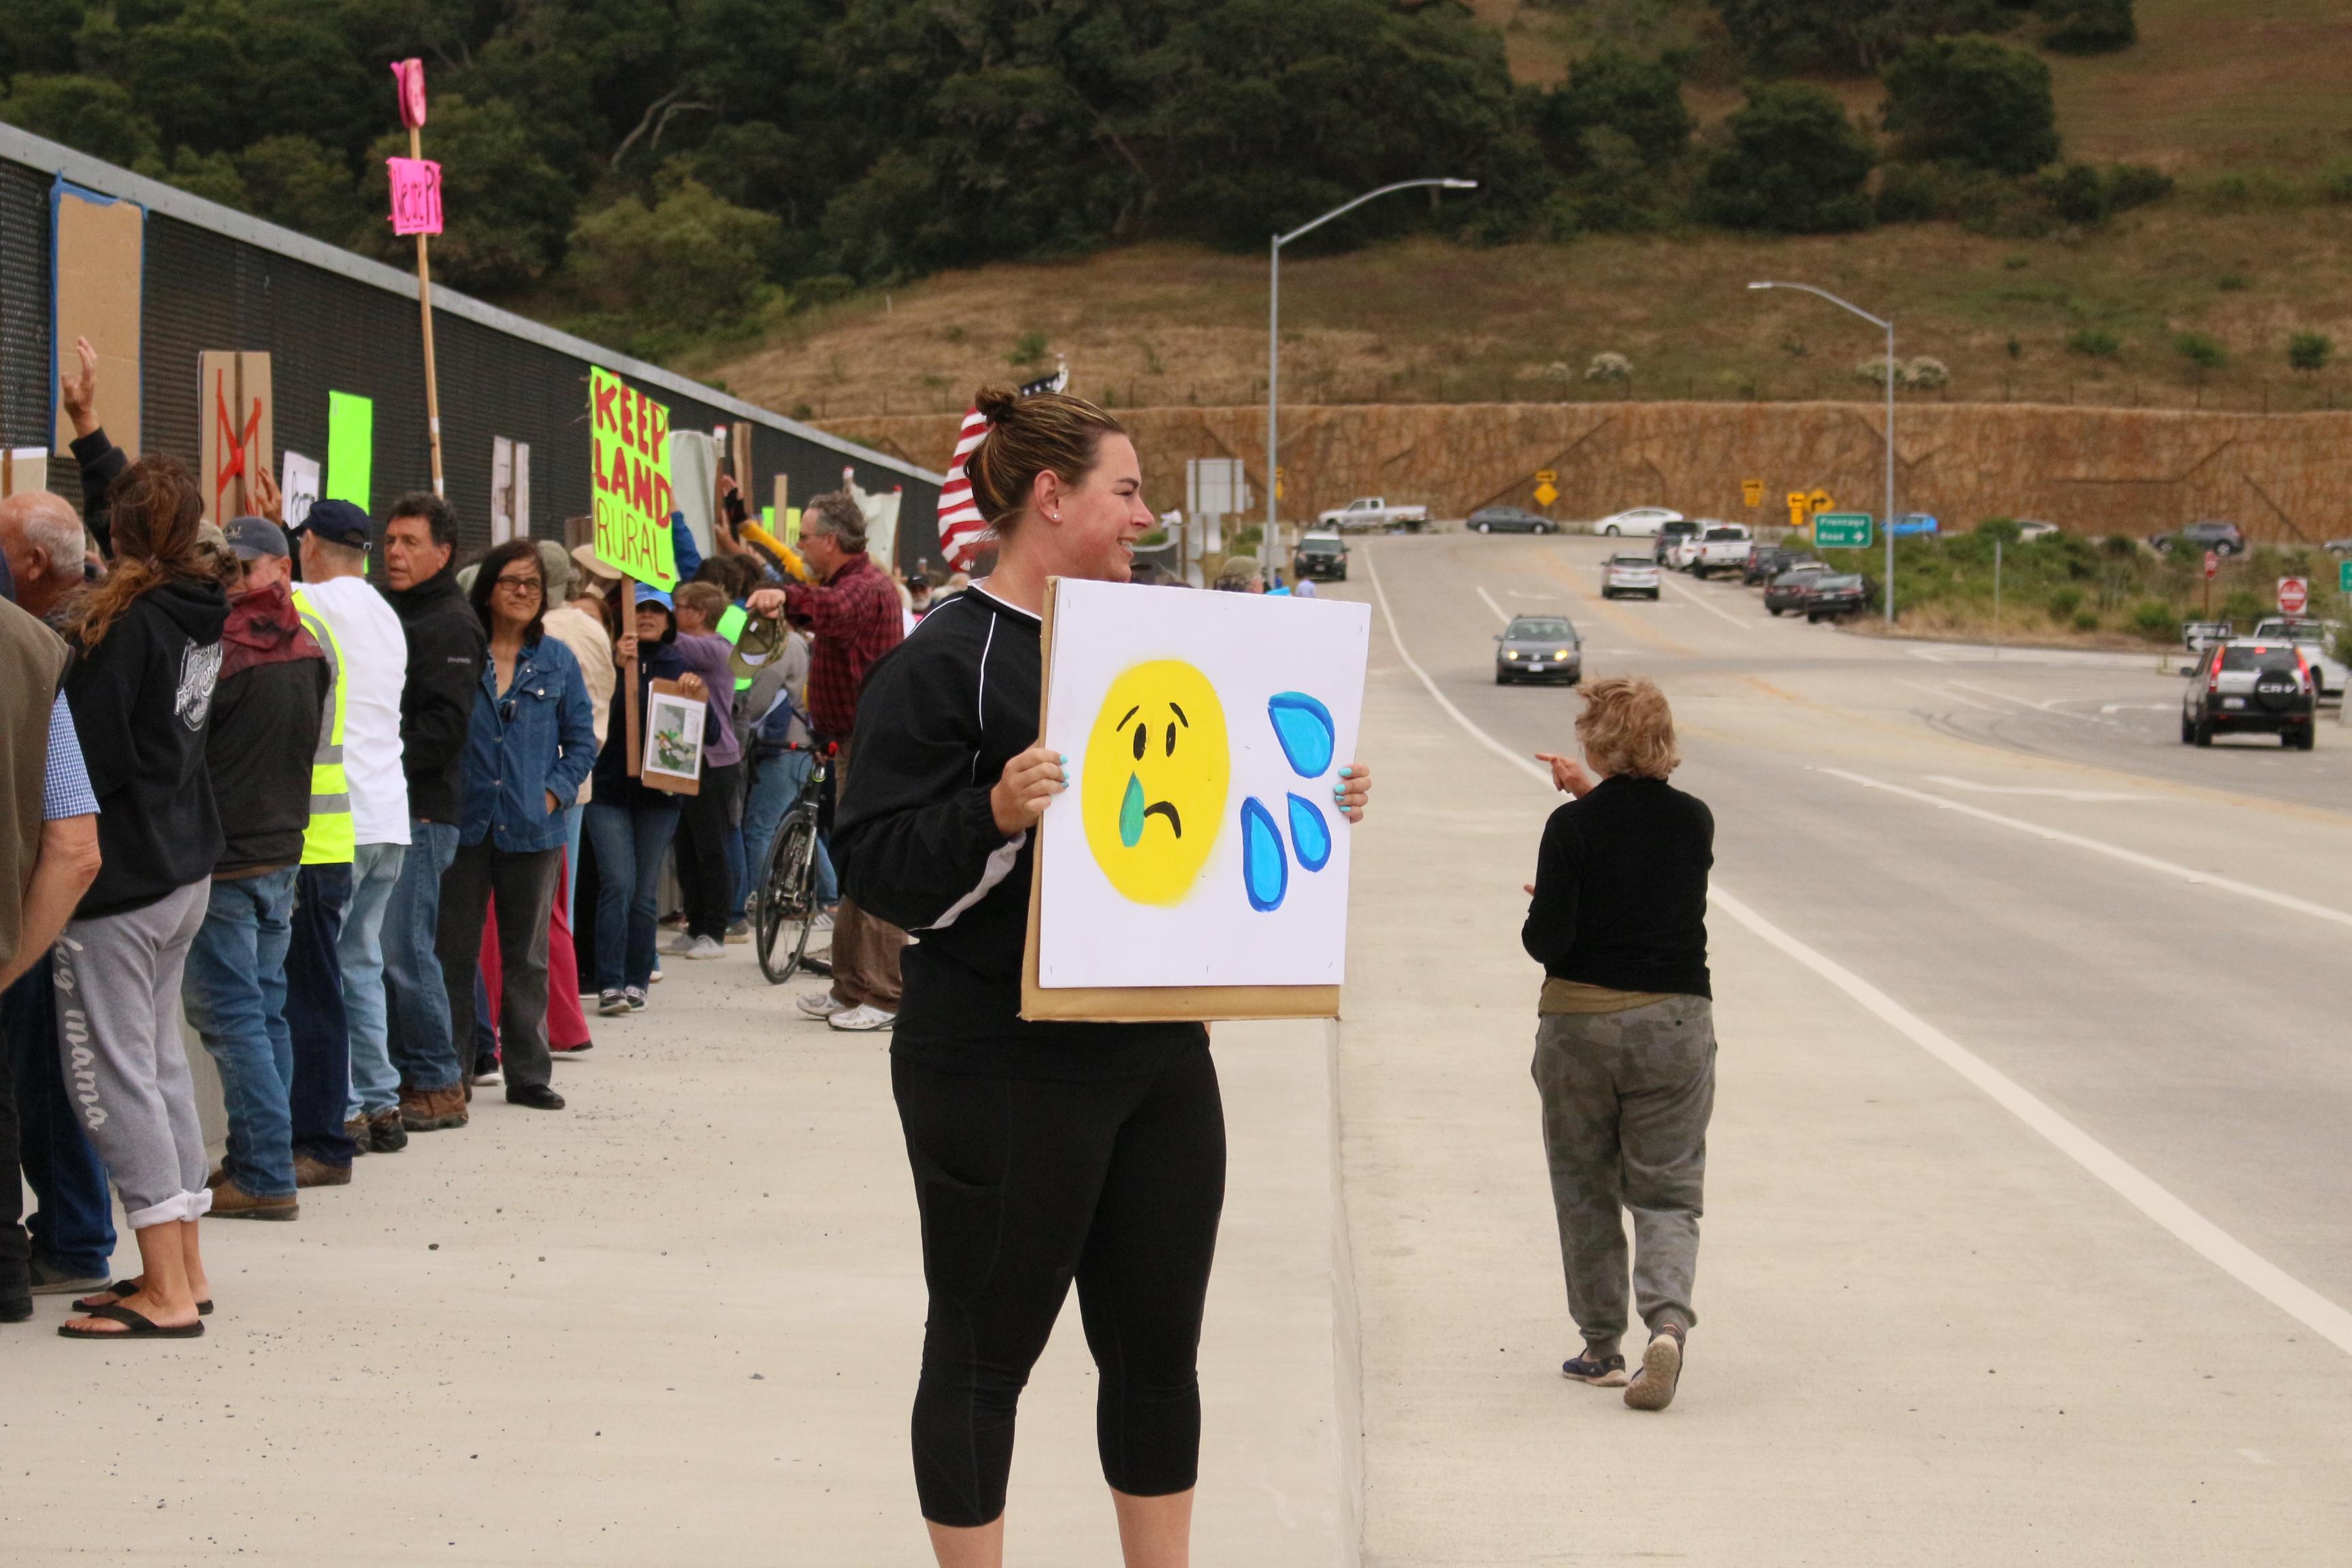 Aromas resident Liz Wyrsch holds an emoji sign toward the overpass traffic. Photo by Noe Magaña.